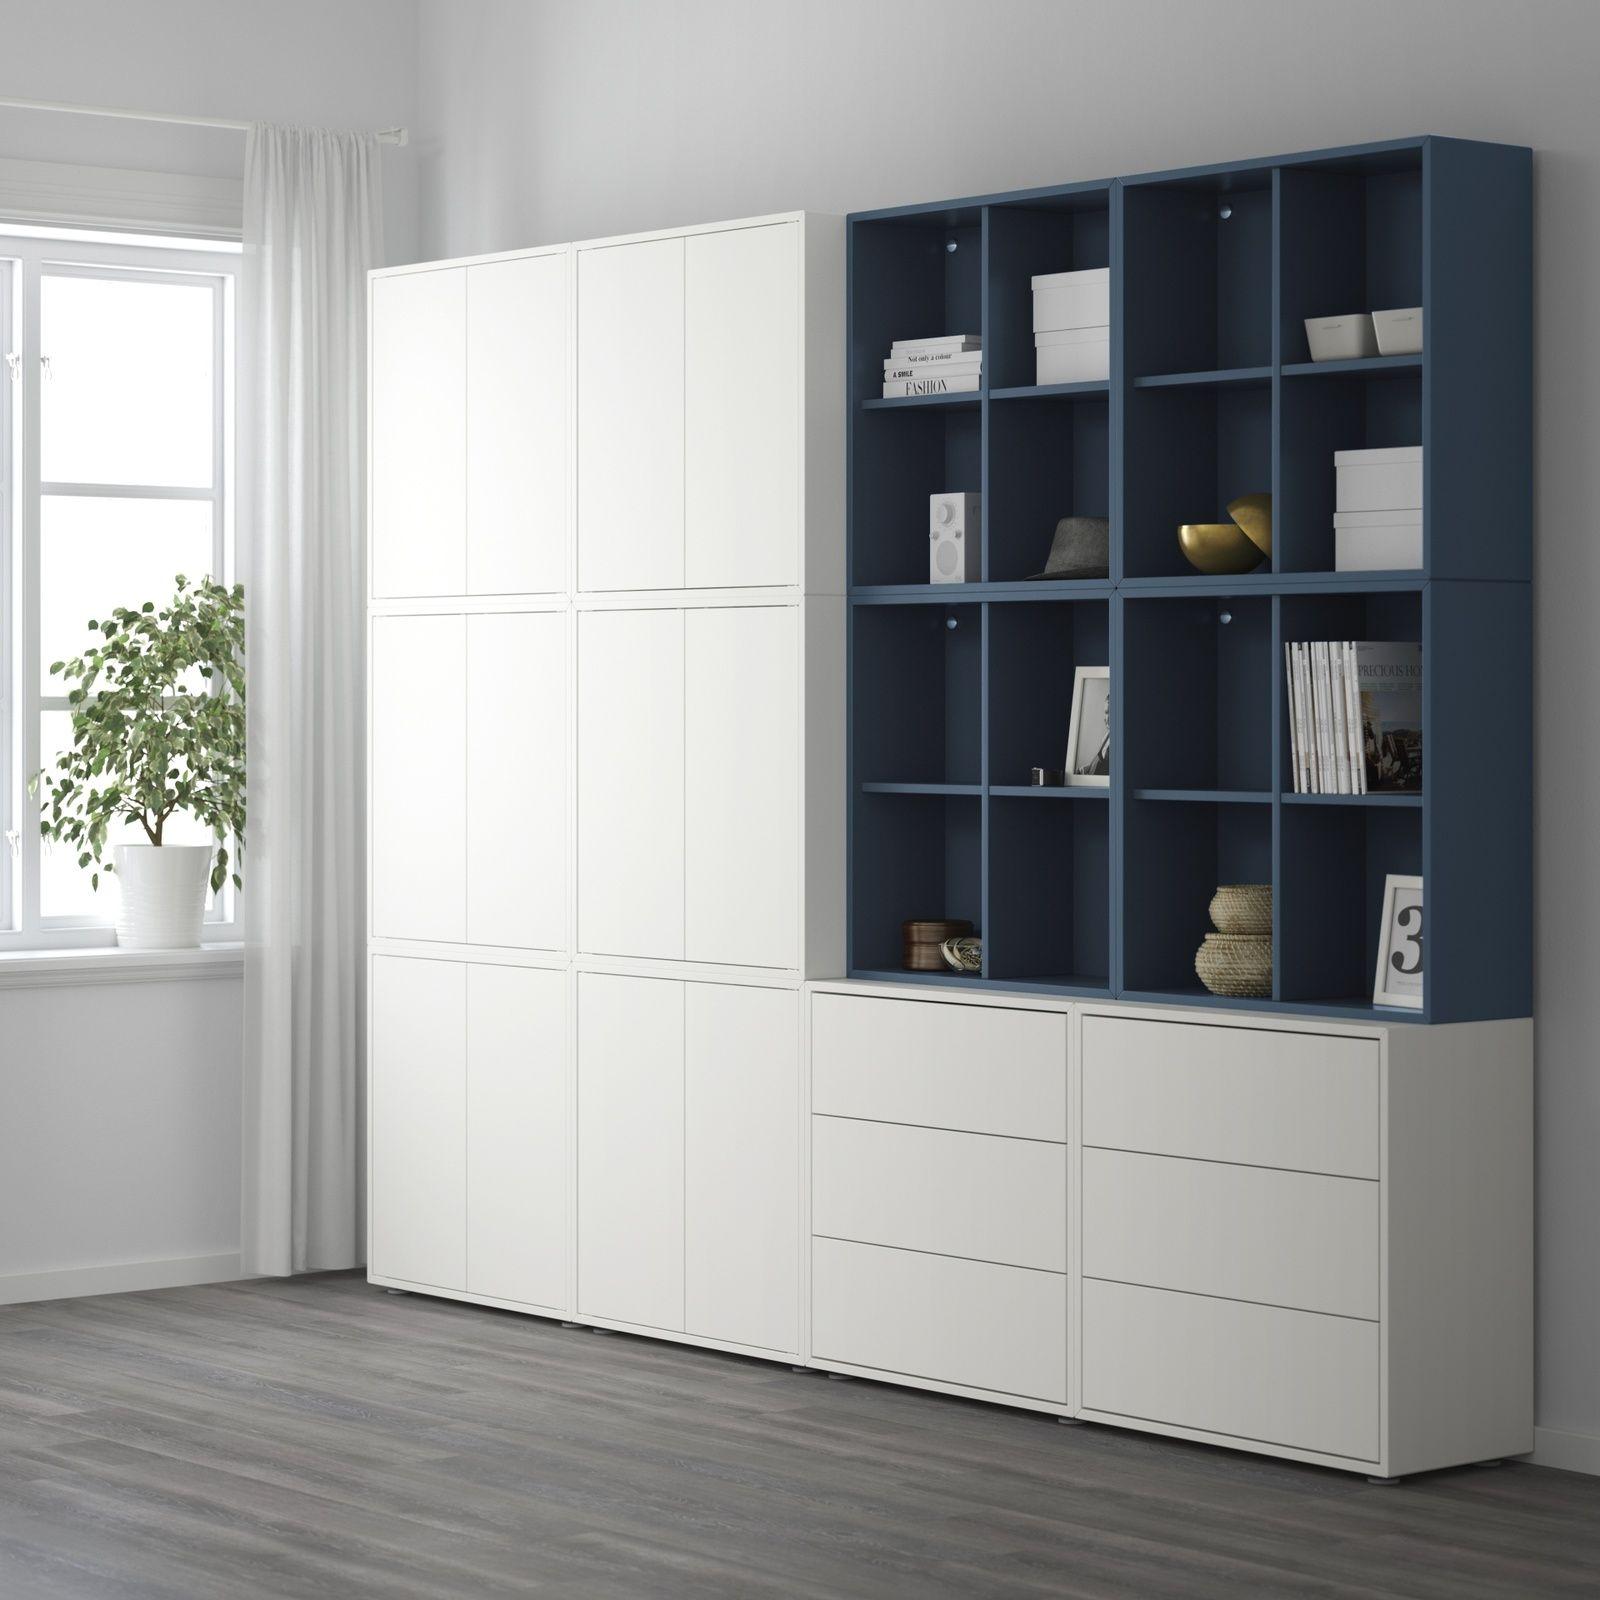 Album - 23 - EKET, la nouvelle gamme de chez IKEA en 2020 | Rangement salon, Meuble rangement ...